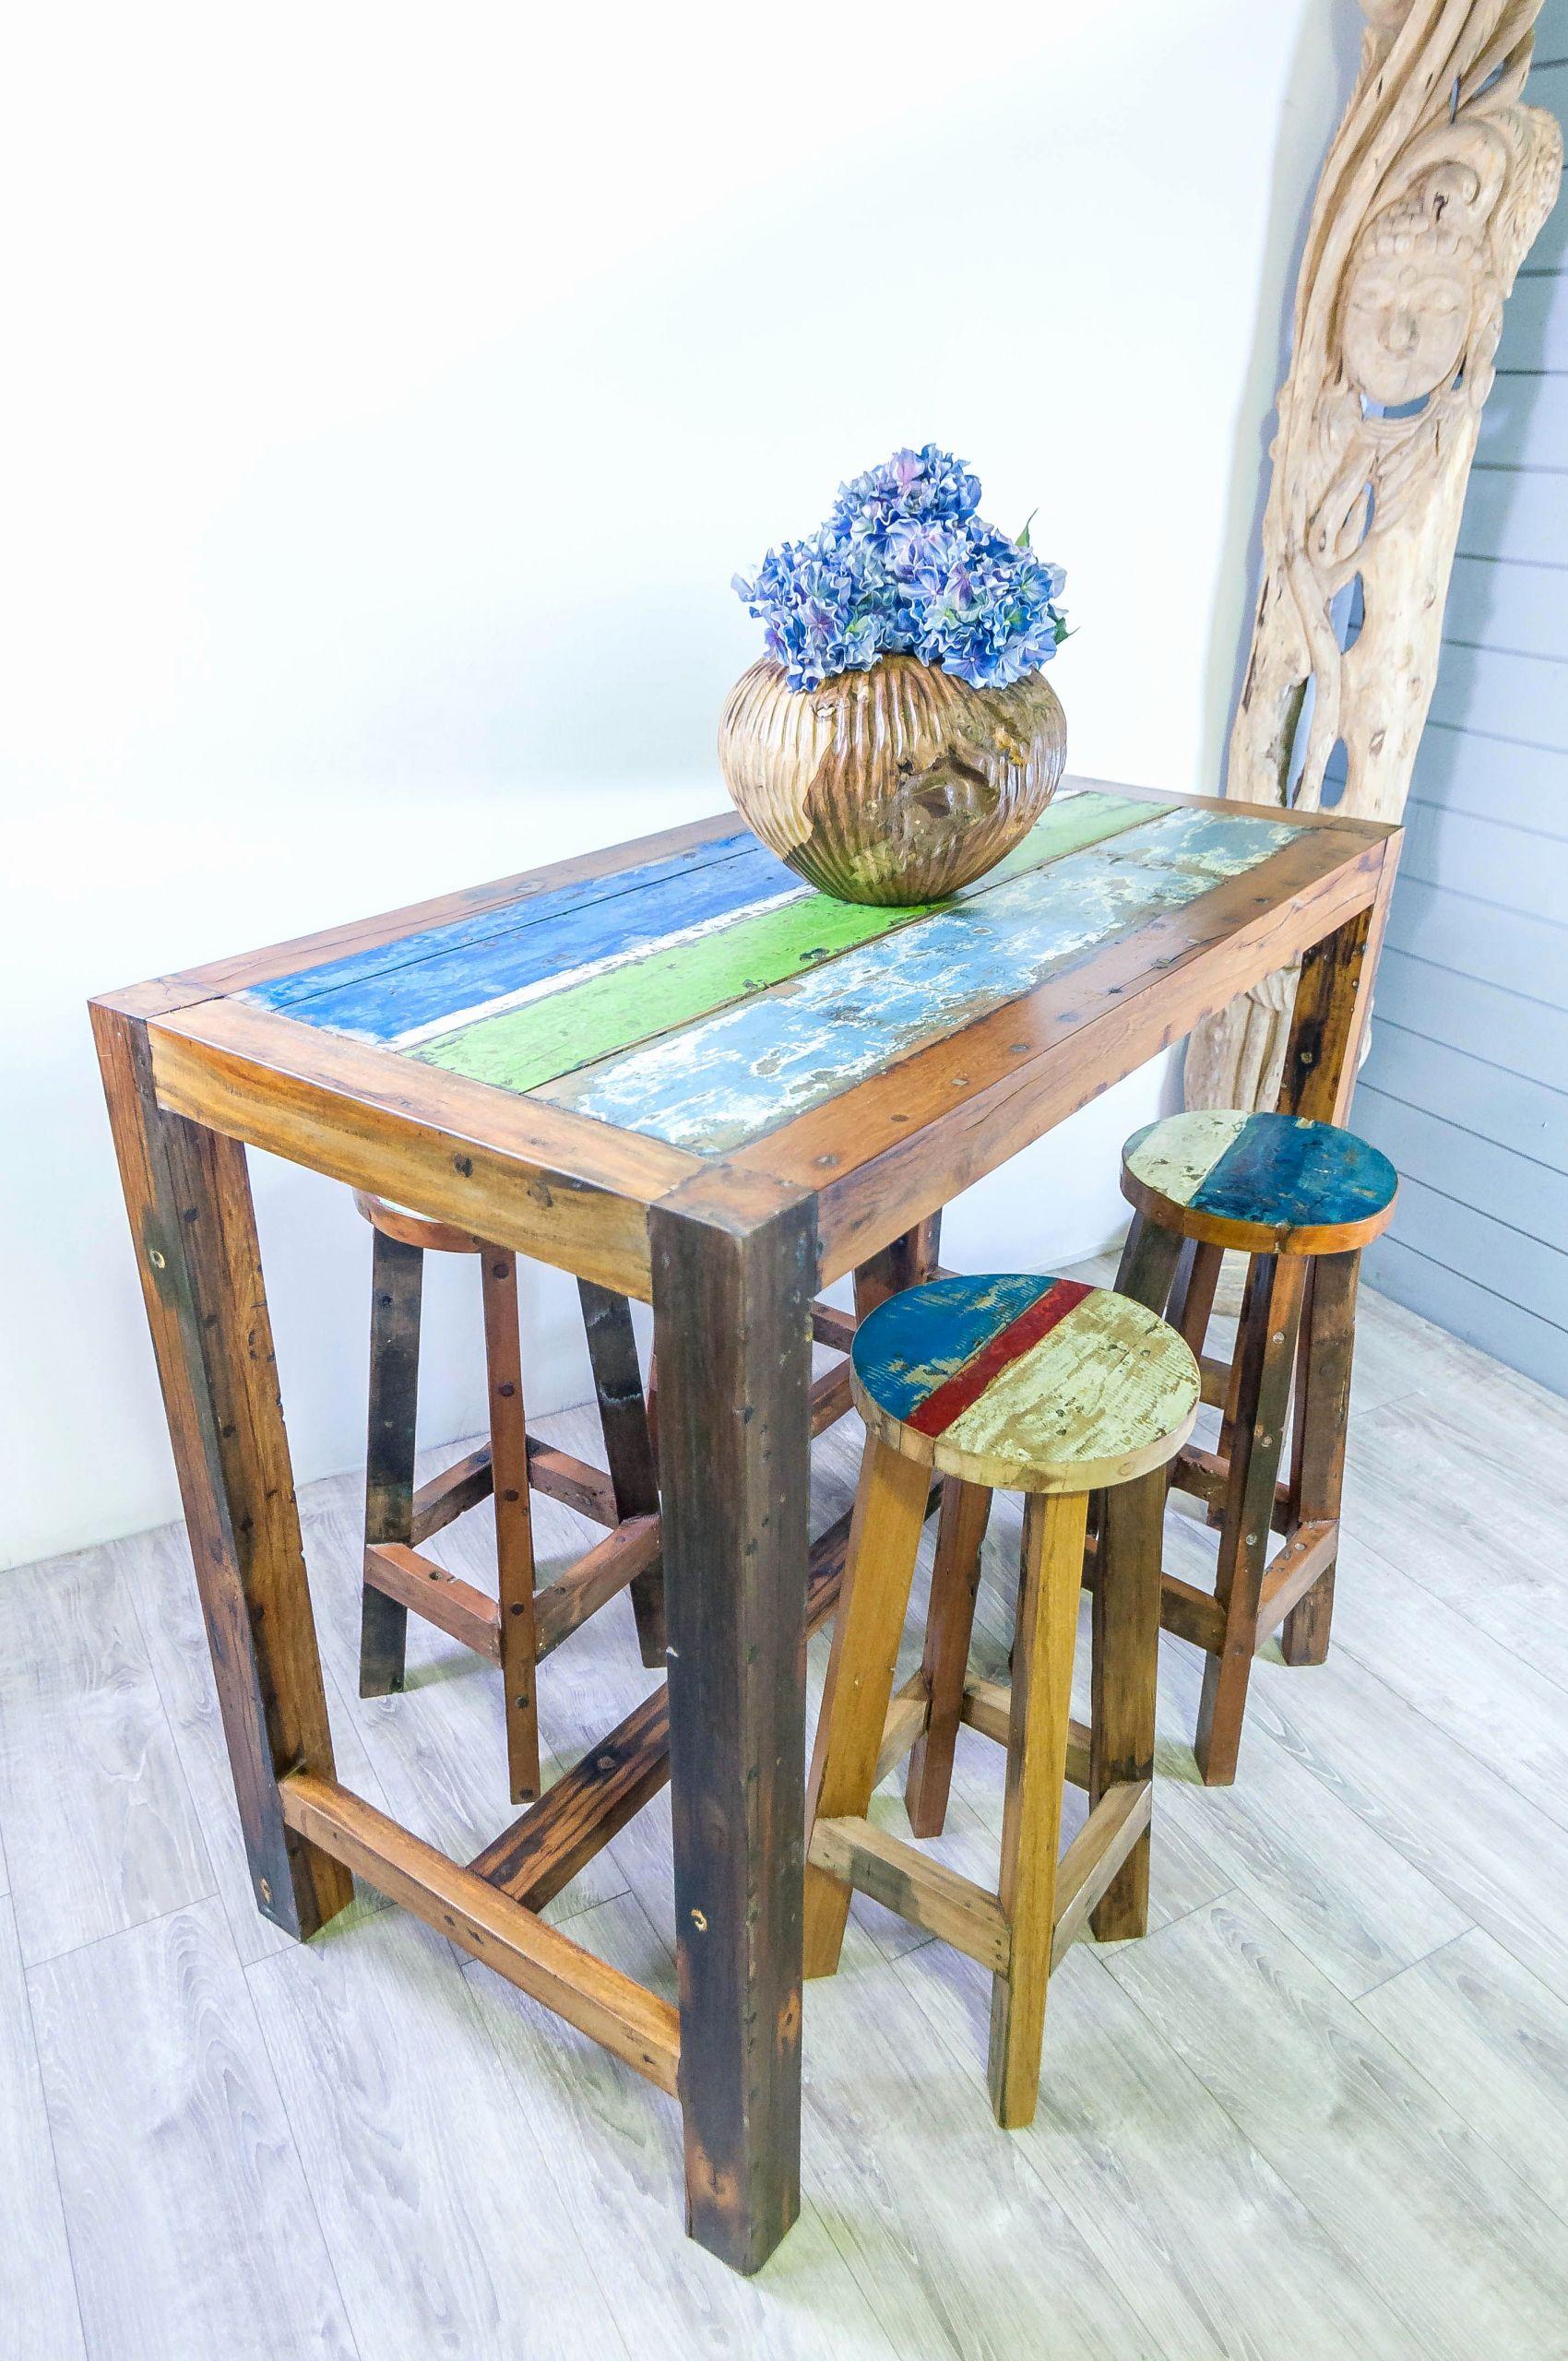 luxe collection de mange debout alinea design dintrieur brillant mange debout alinea frais meilleur de chaise bar luxury of